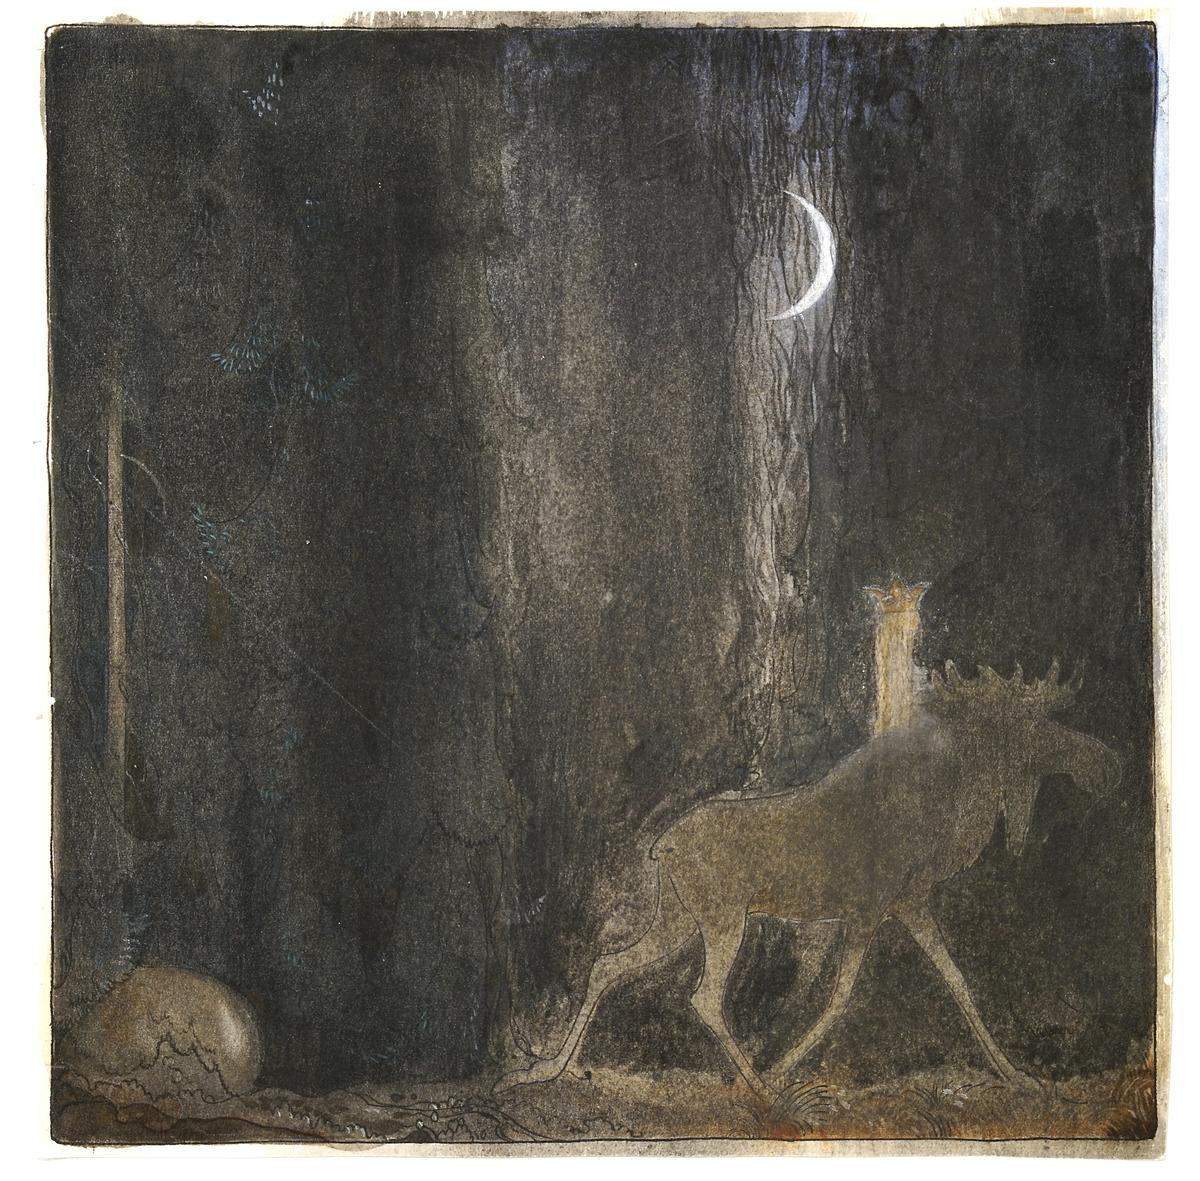 Akvarellmålning med detaljer i gouache, tusch och blyerts. Prinsessan Tuvstarr rider på älgtjuren Skutt i skogen. Månen lyser på den mörka himlen. Mörkt grå och brun färgskala med ljusa detaljer.  Baksida: Skisser.